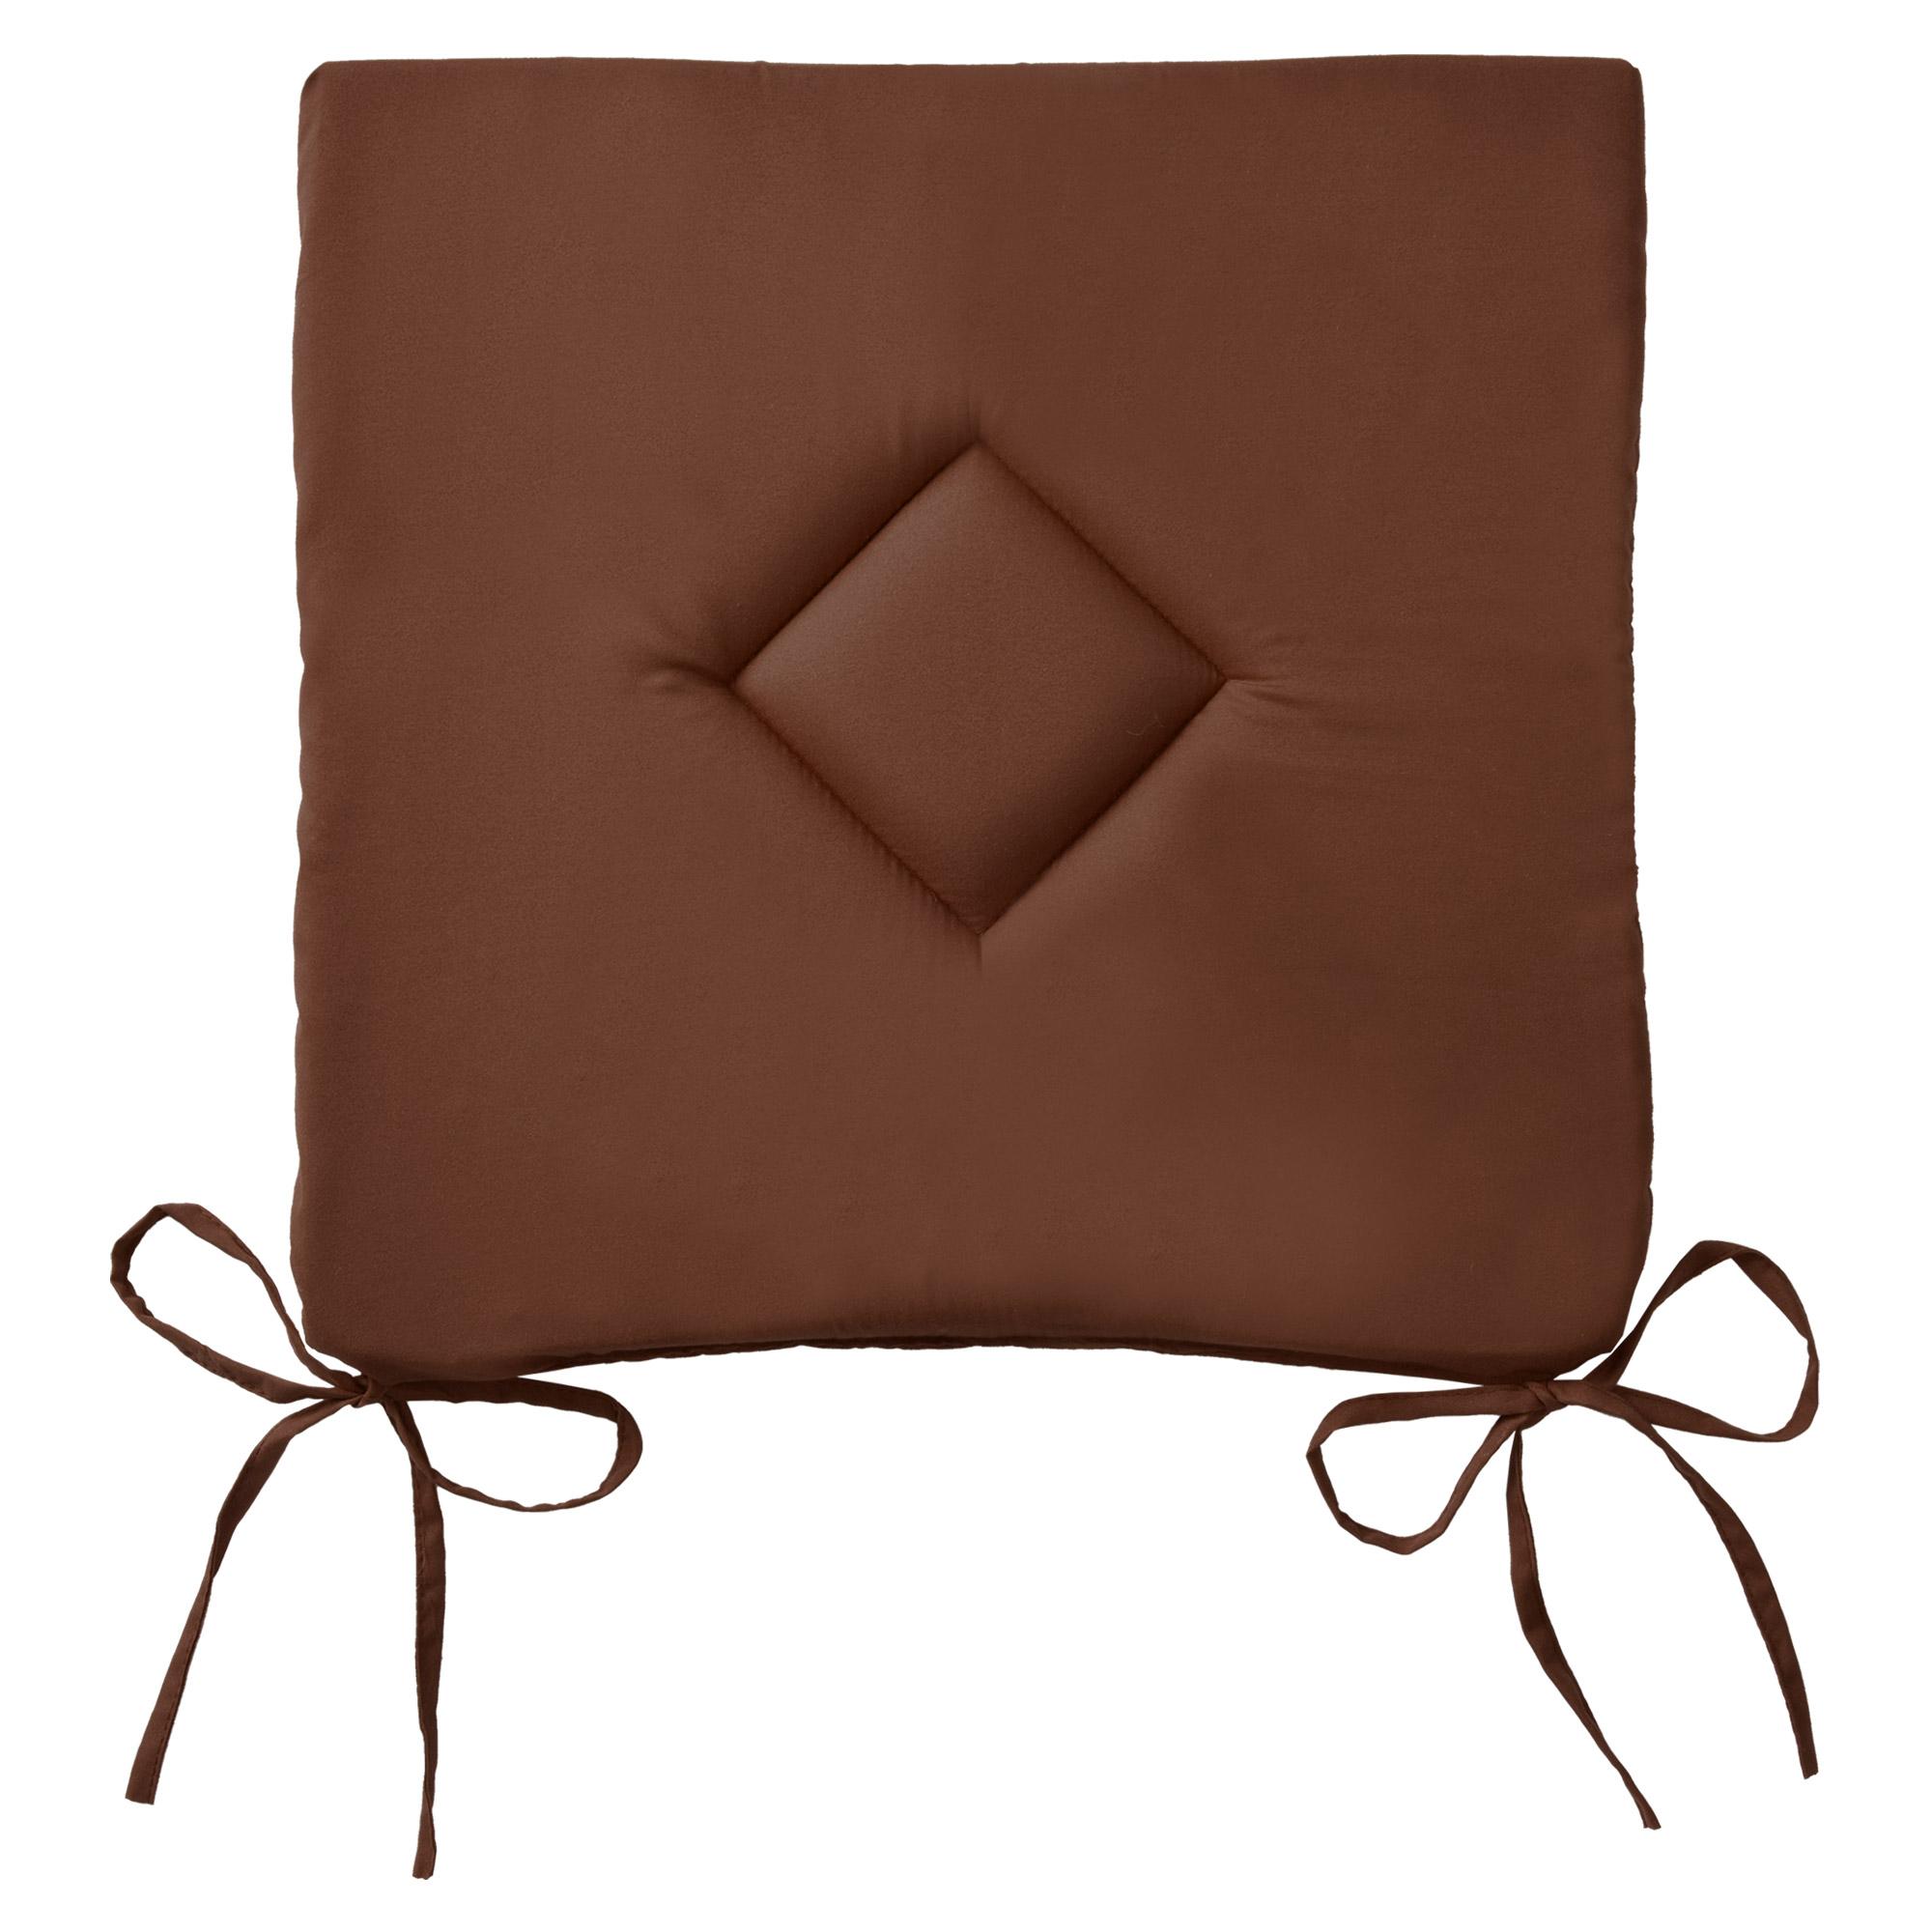 sitzkissen stuhlkissen 40x40x3 cm dekokissen bodenkissen garten wohnung kissen ebay. Black Bedroom Furniture Sets. Home Design Ideas